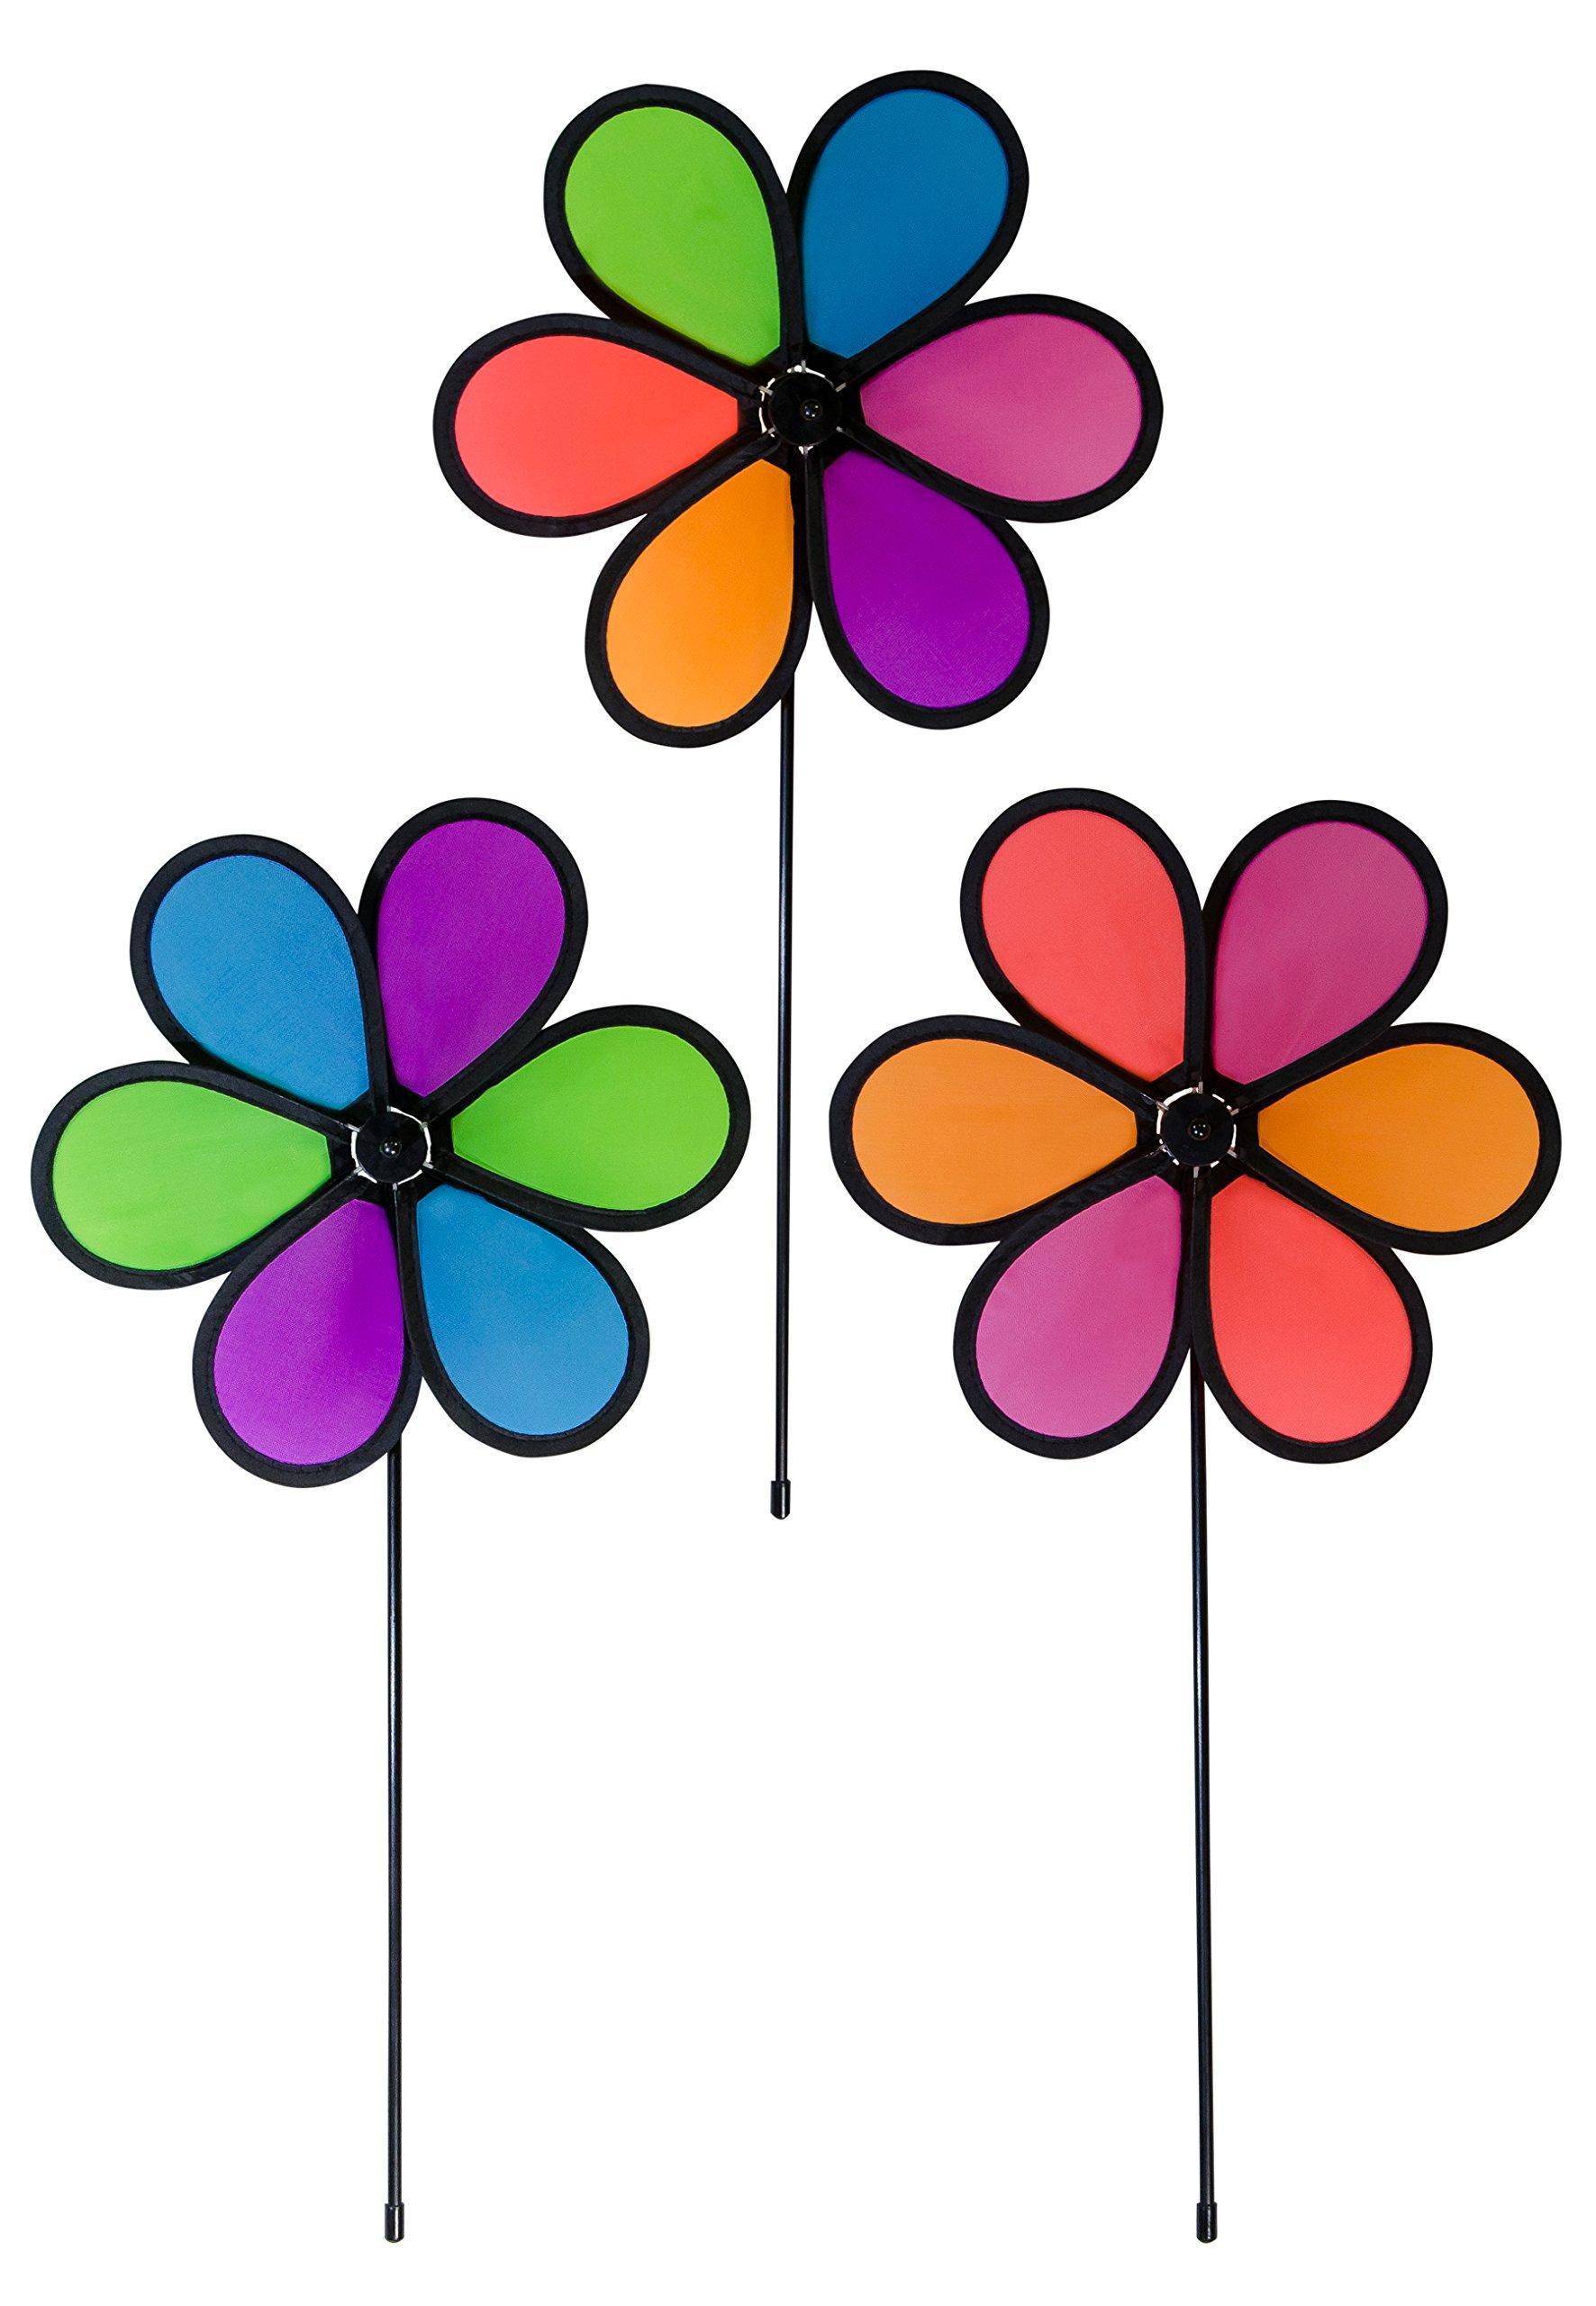 En la brisa 10 Inch neón flores Spinner – 3 Pack – colores viento Spinners para su patio y jardín: Amazon.es: Jardín